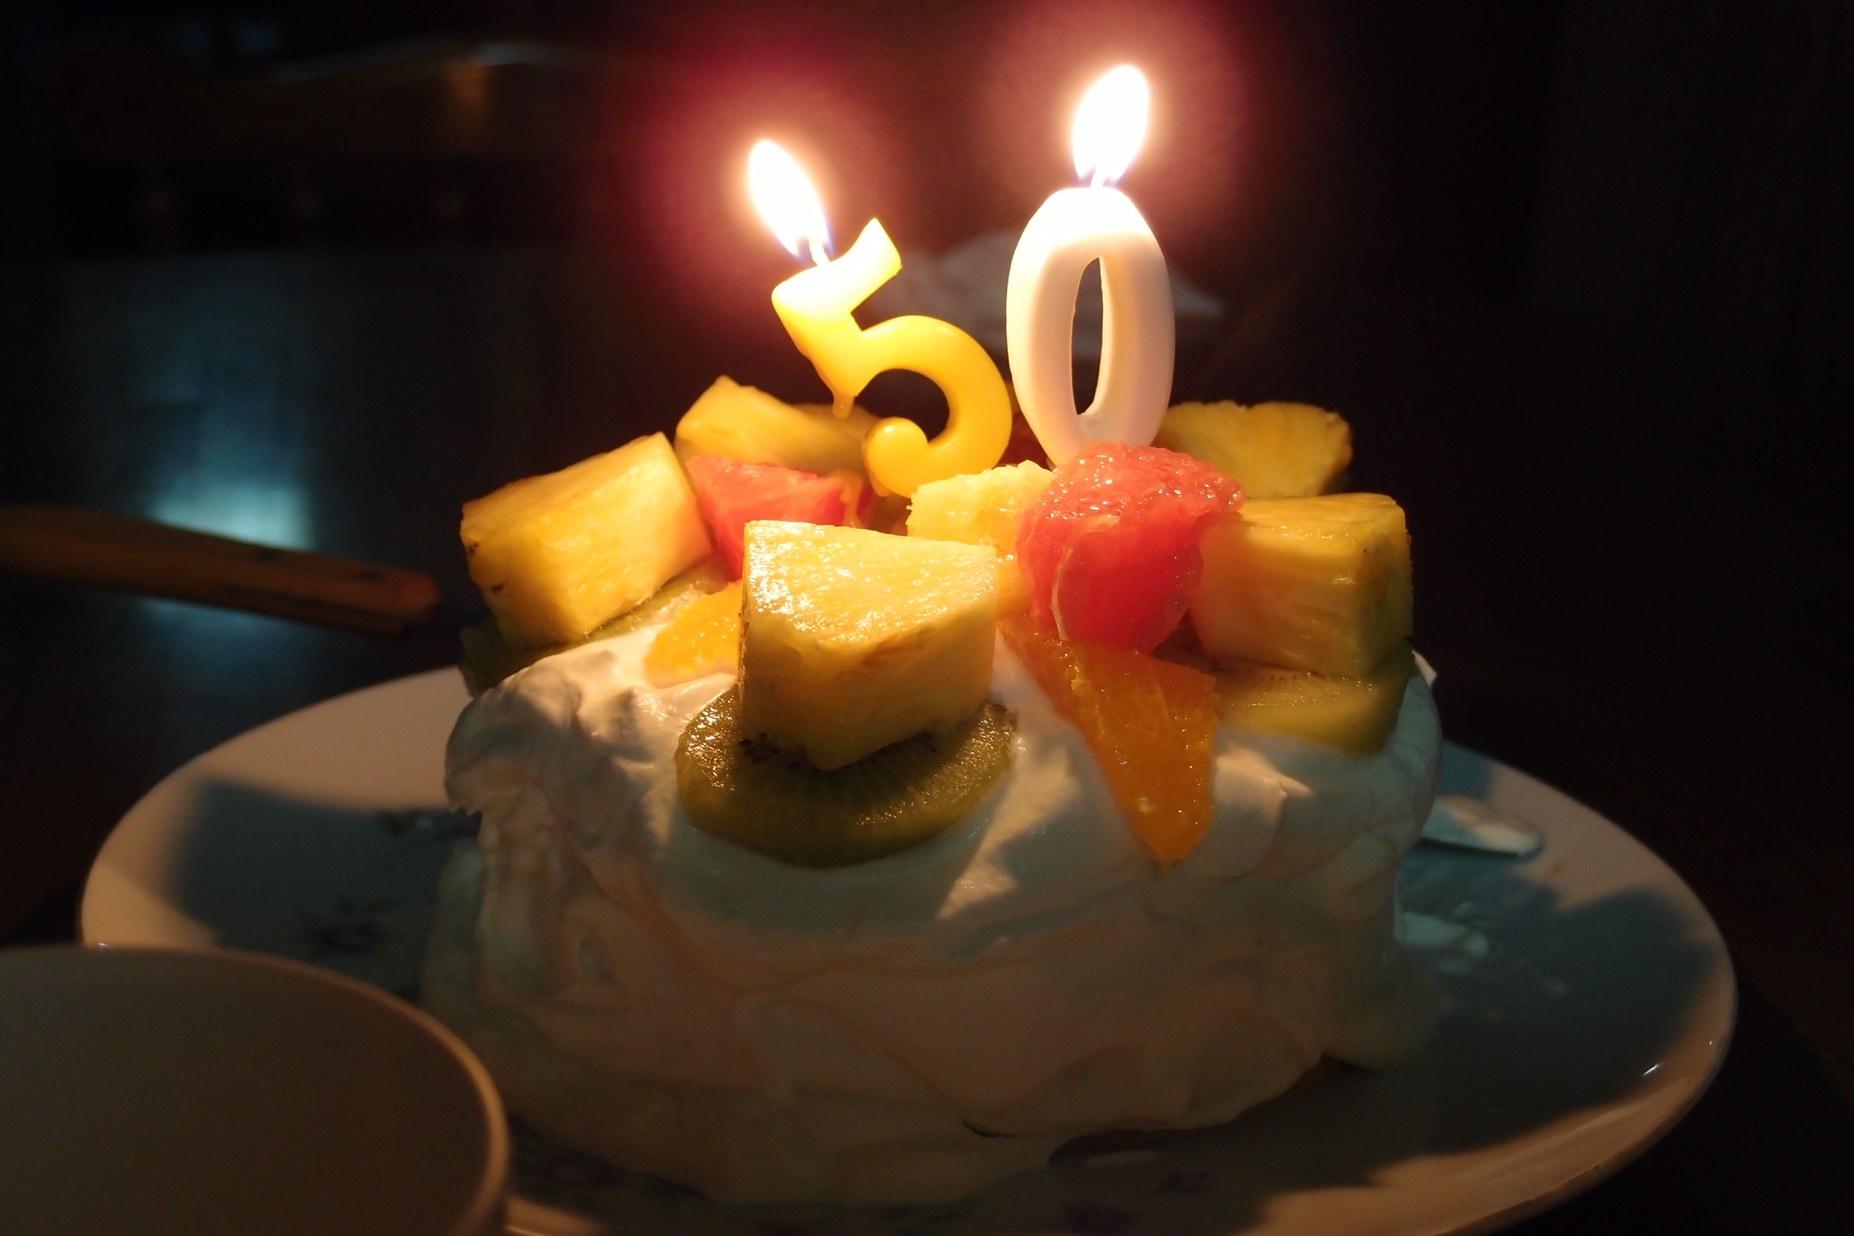 サンマとナスと金婚式のケーキ_a0116902_2334578.jpg